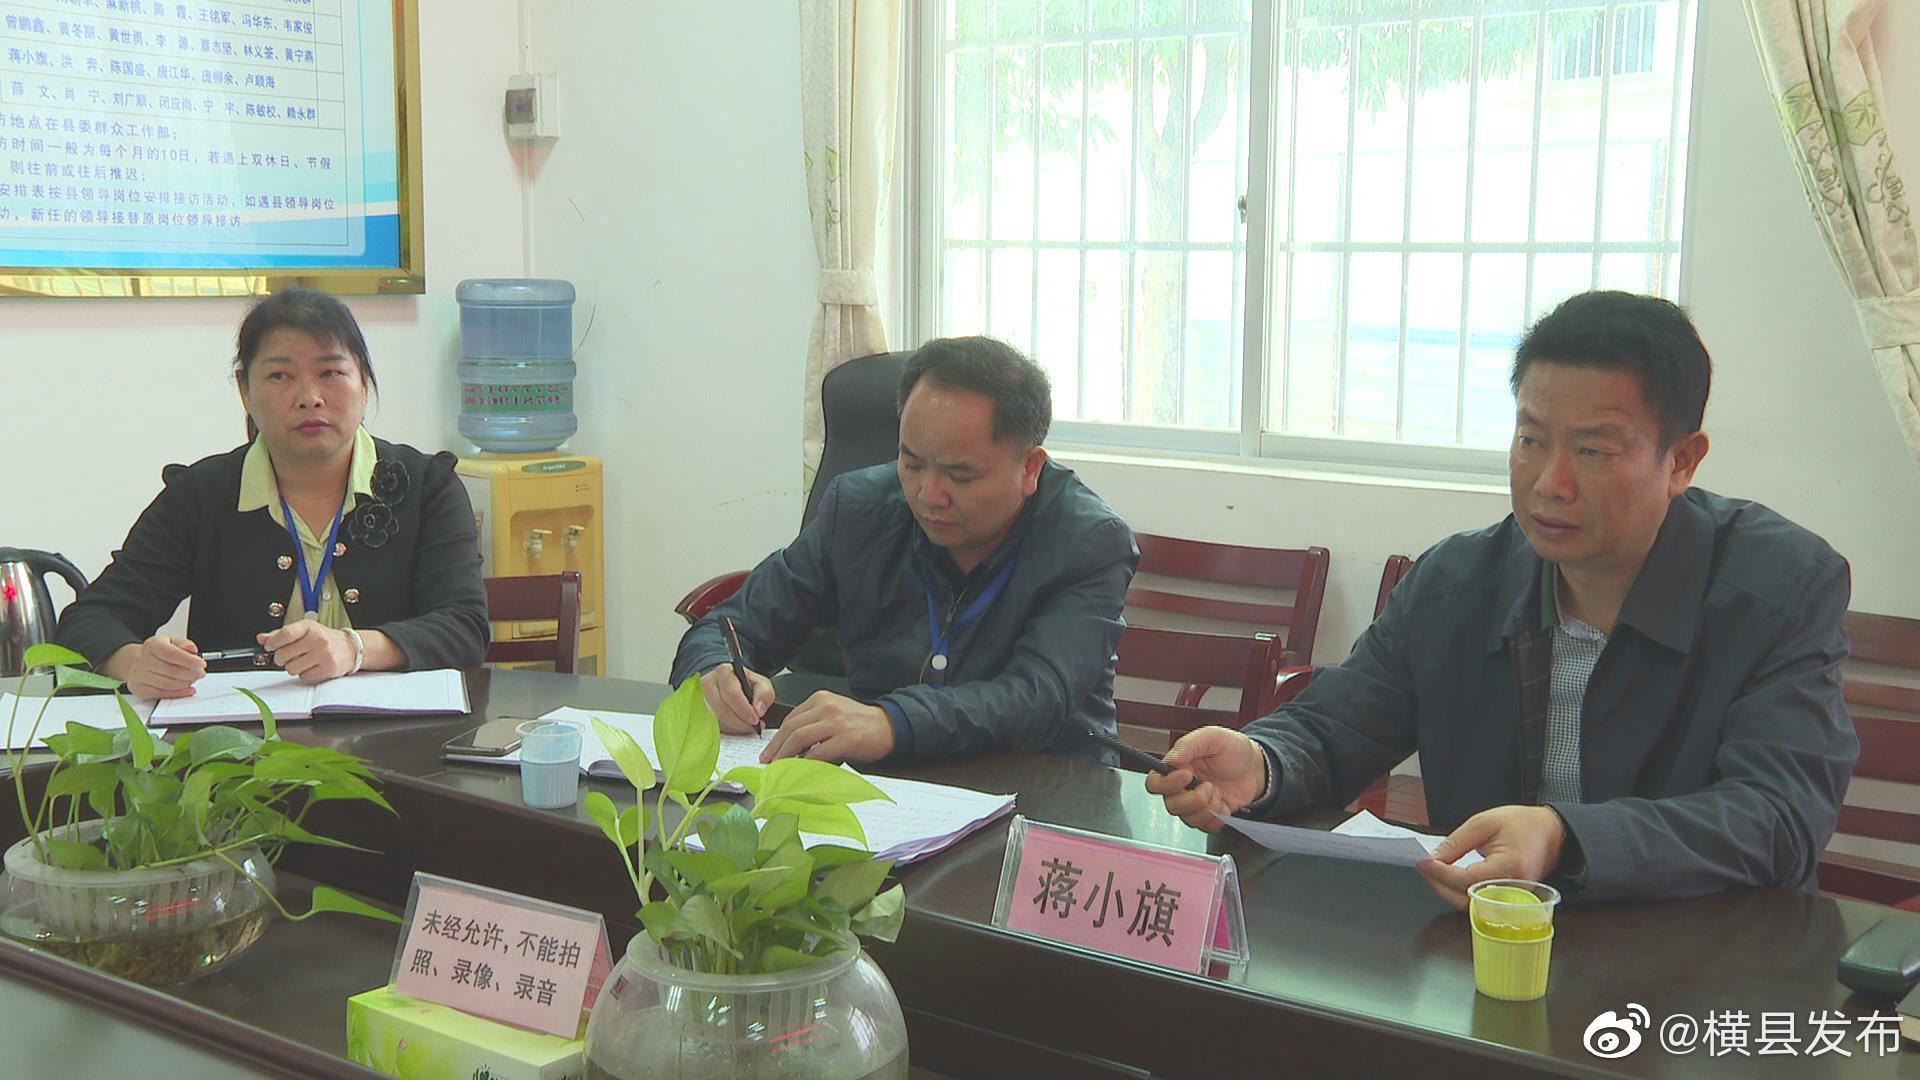 11月11日上午, 县级领导干部信访接待日活动在县委群众工作部开展